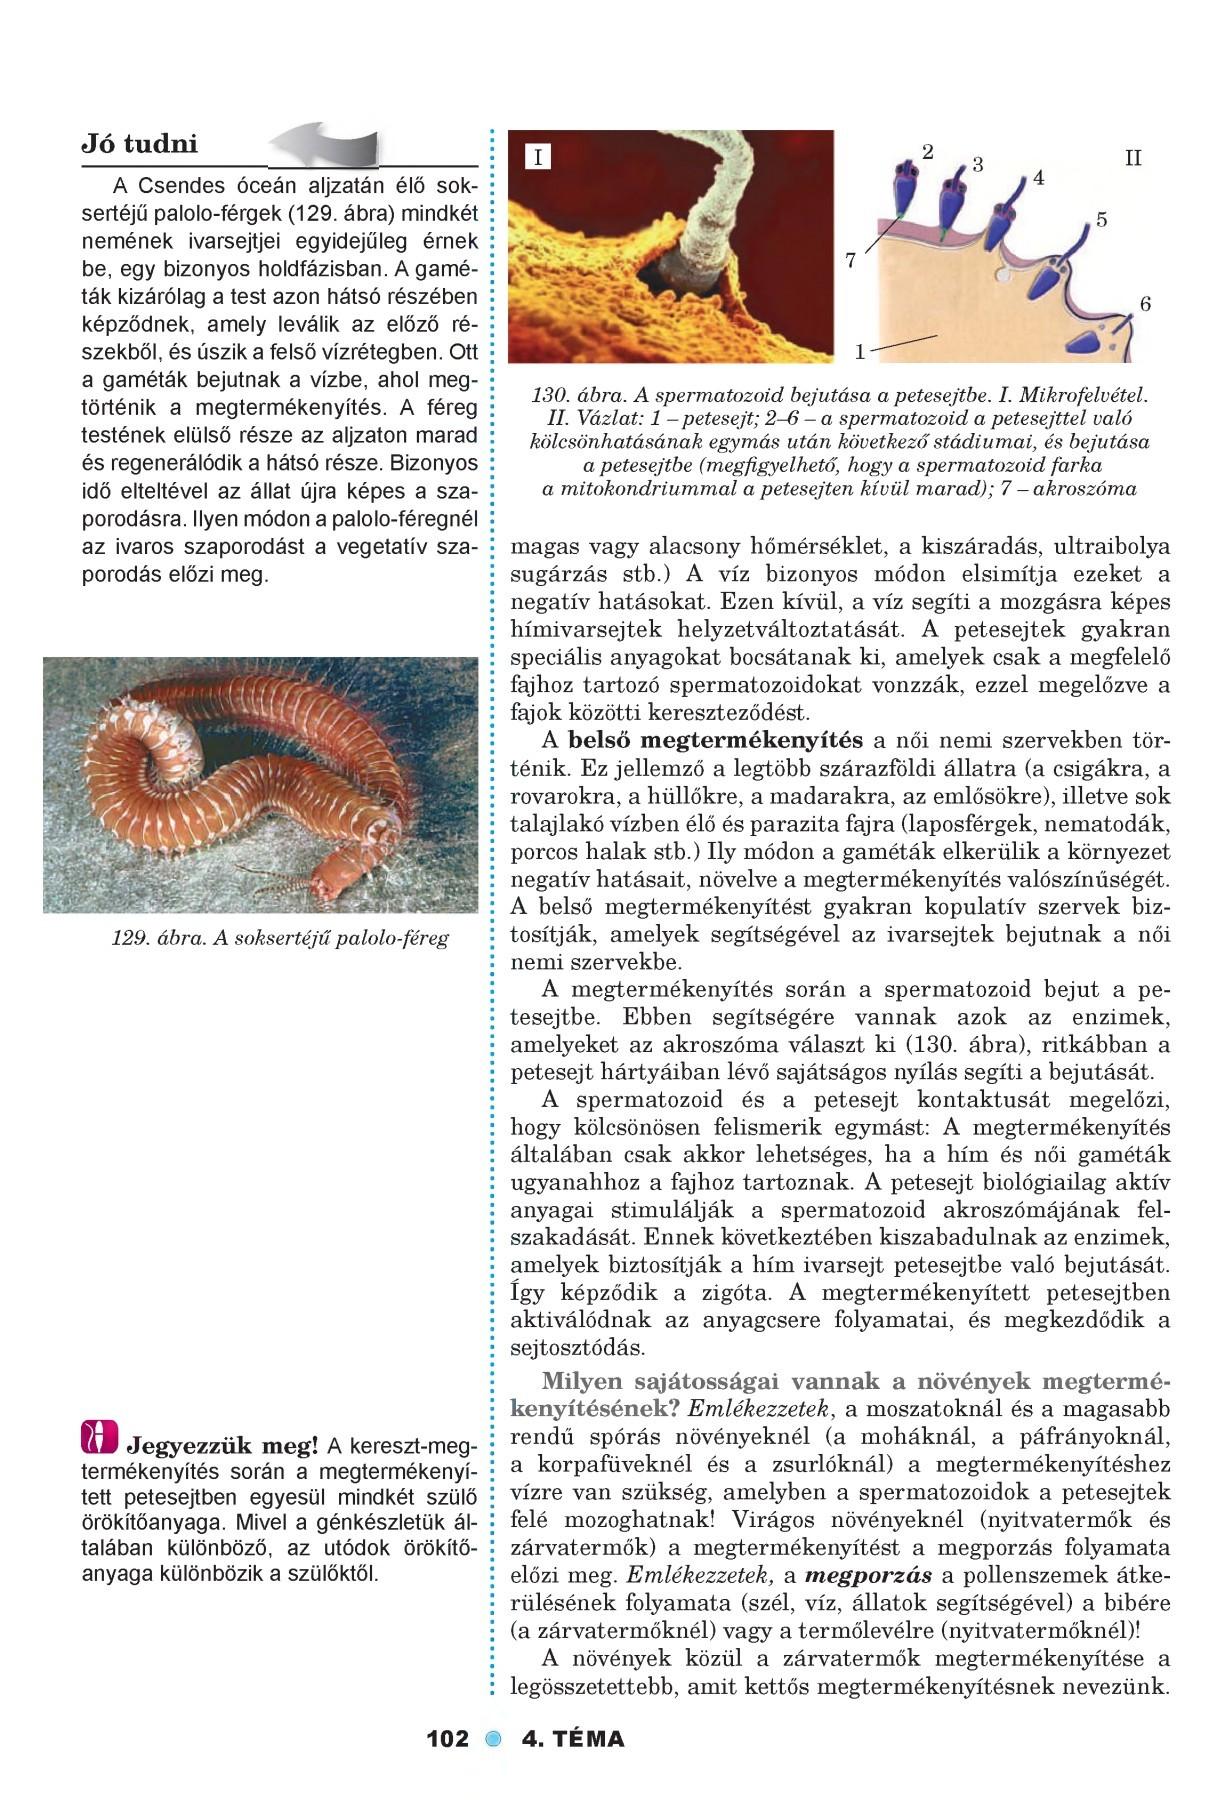 trichocephalosis emberi fertőzés platyhelminth bél